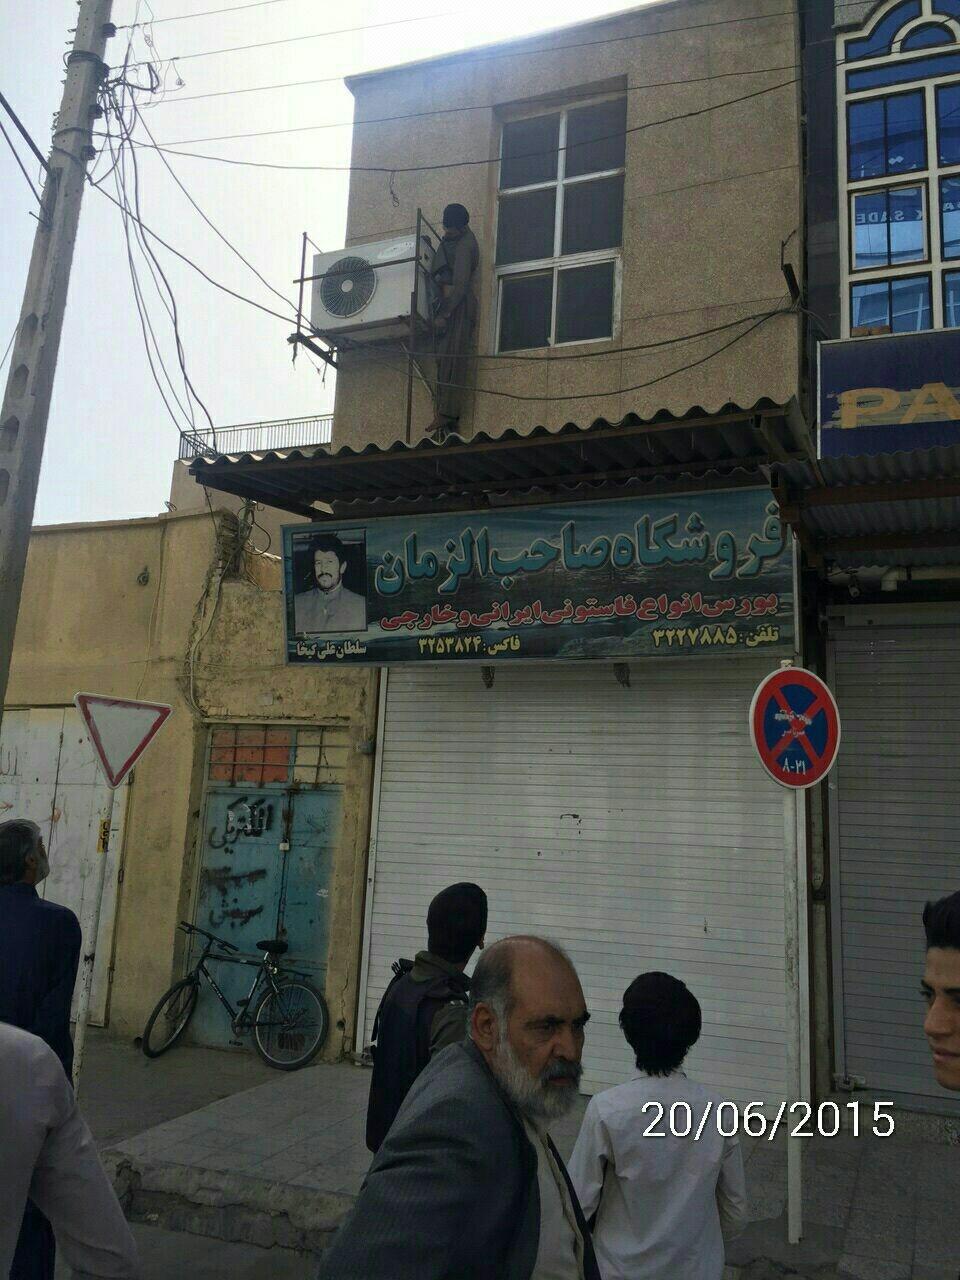 حوادث واقعی حوادث زاهدان برق گرفتگی اخبار زاهدان اخبار حوادث